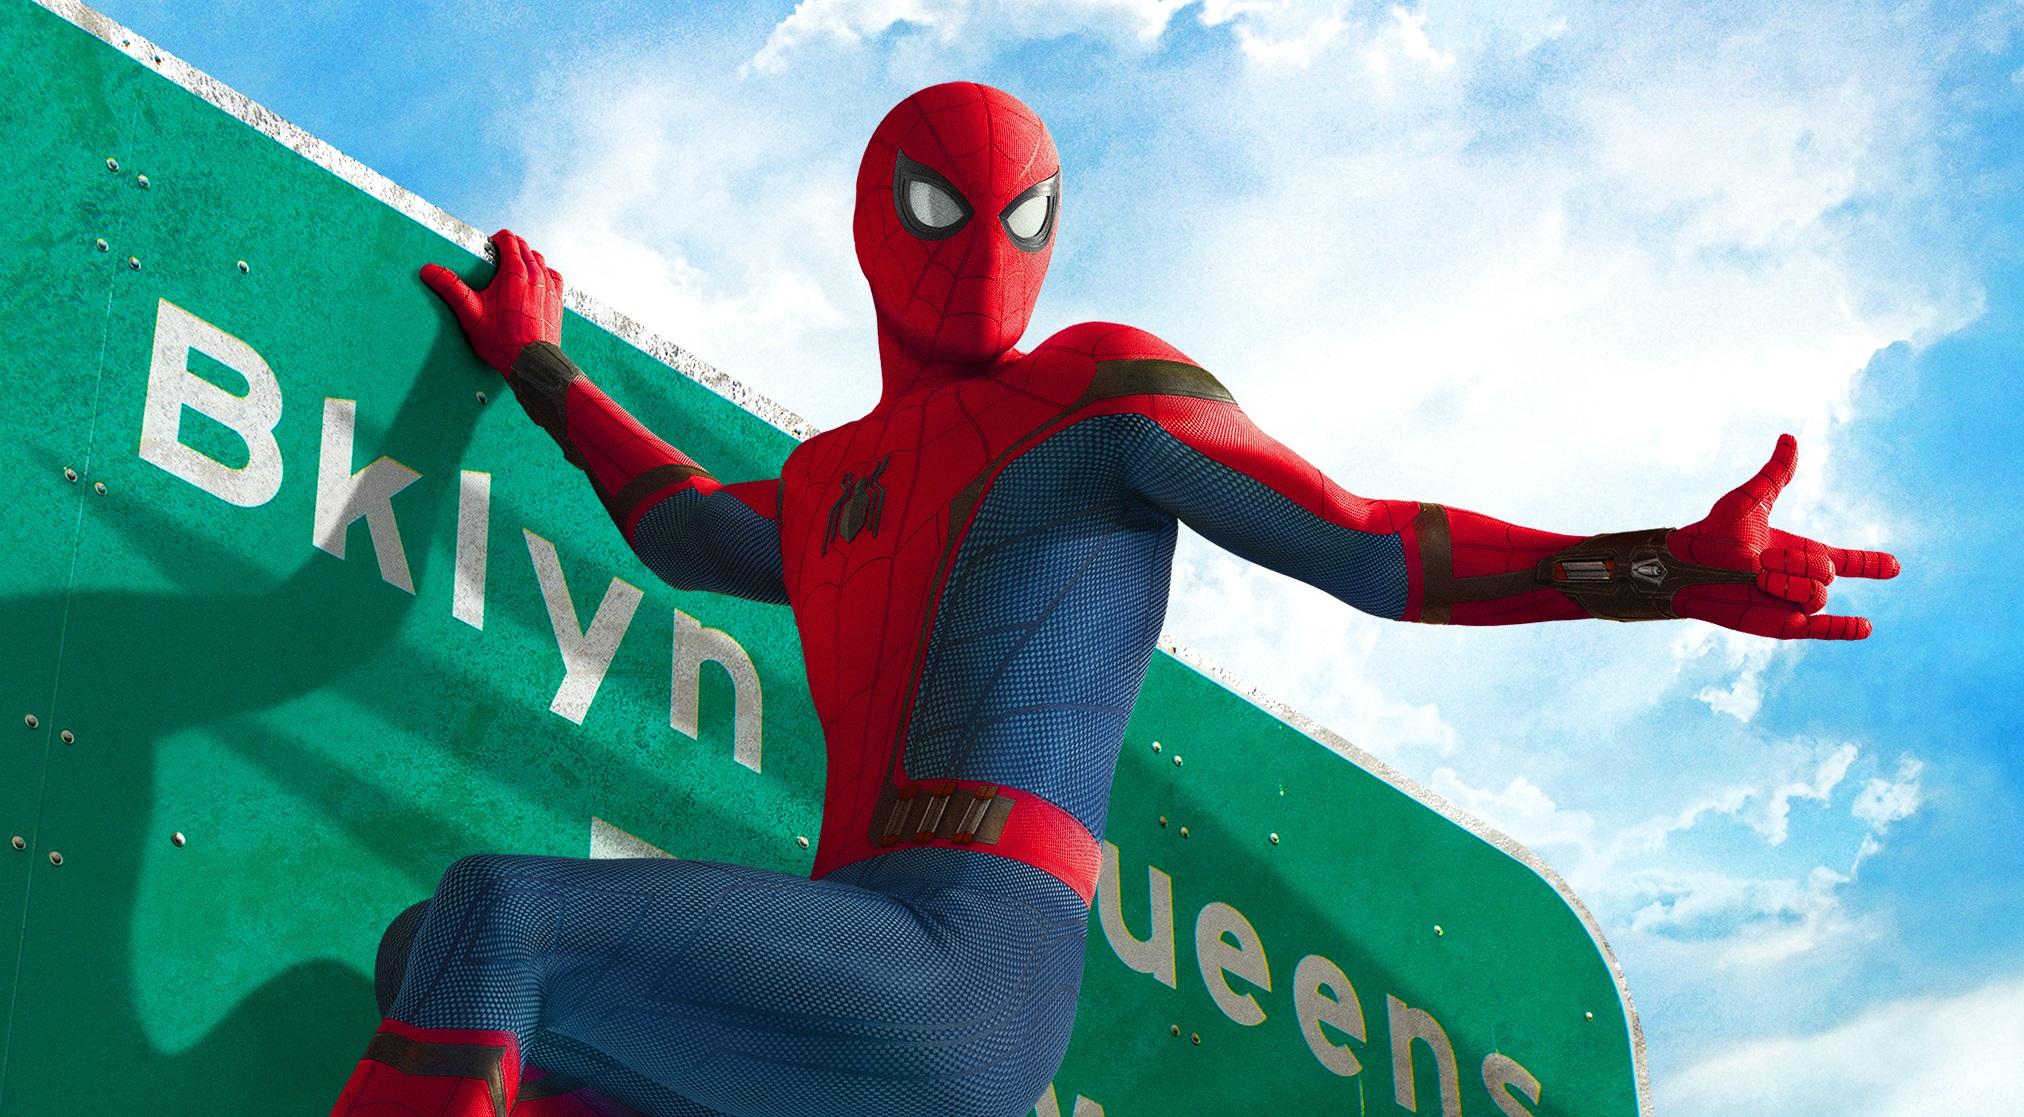 Homem-Aranha: De Volta ao Lar - Confira 10 Curiosidades sobre o filme!